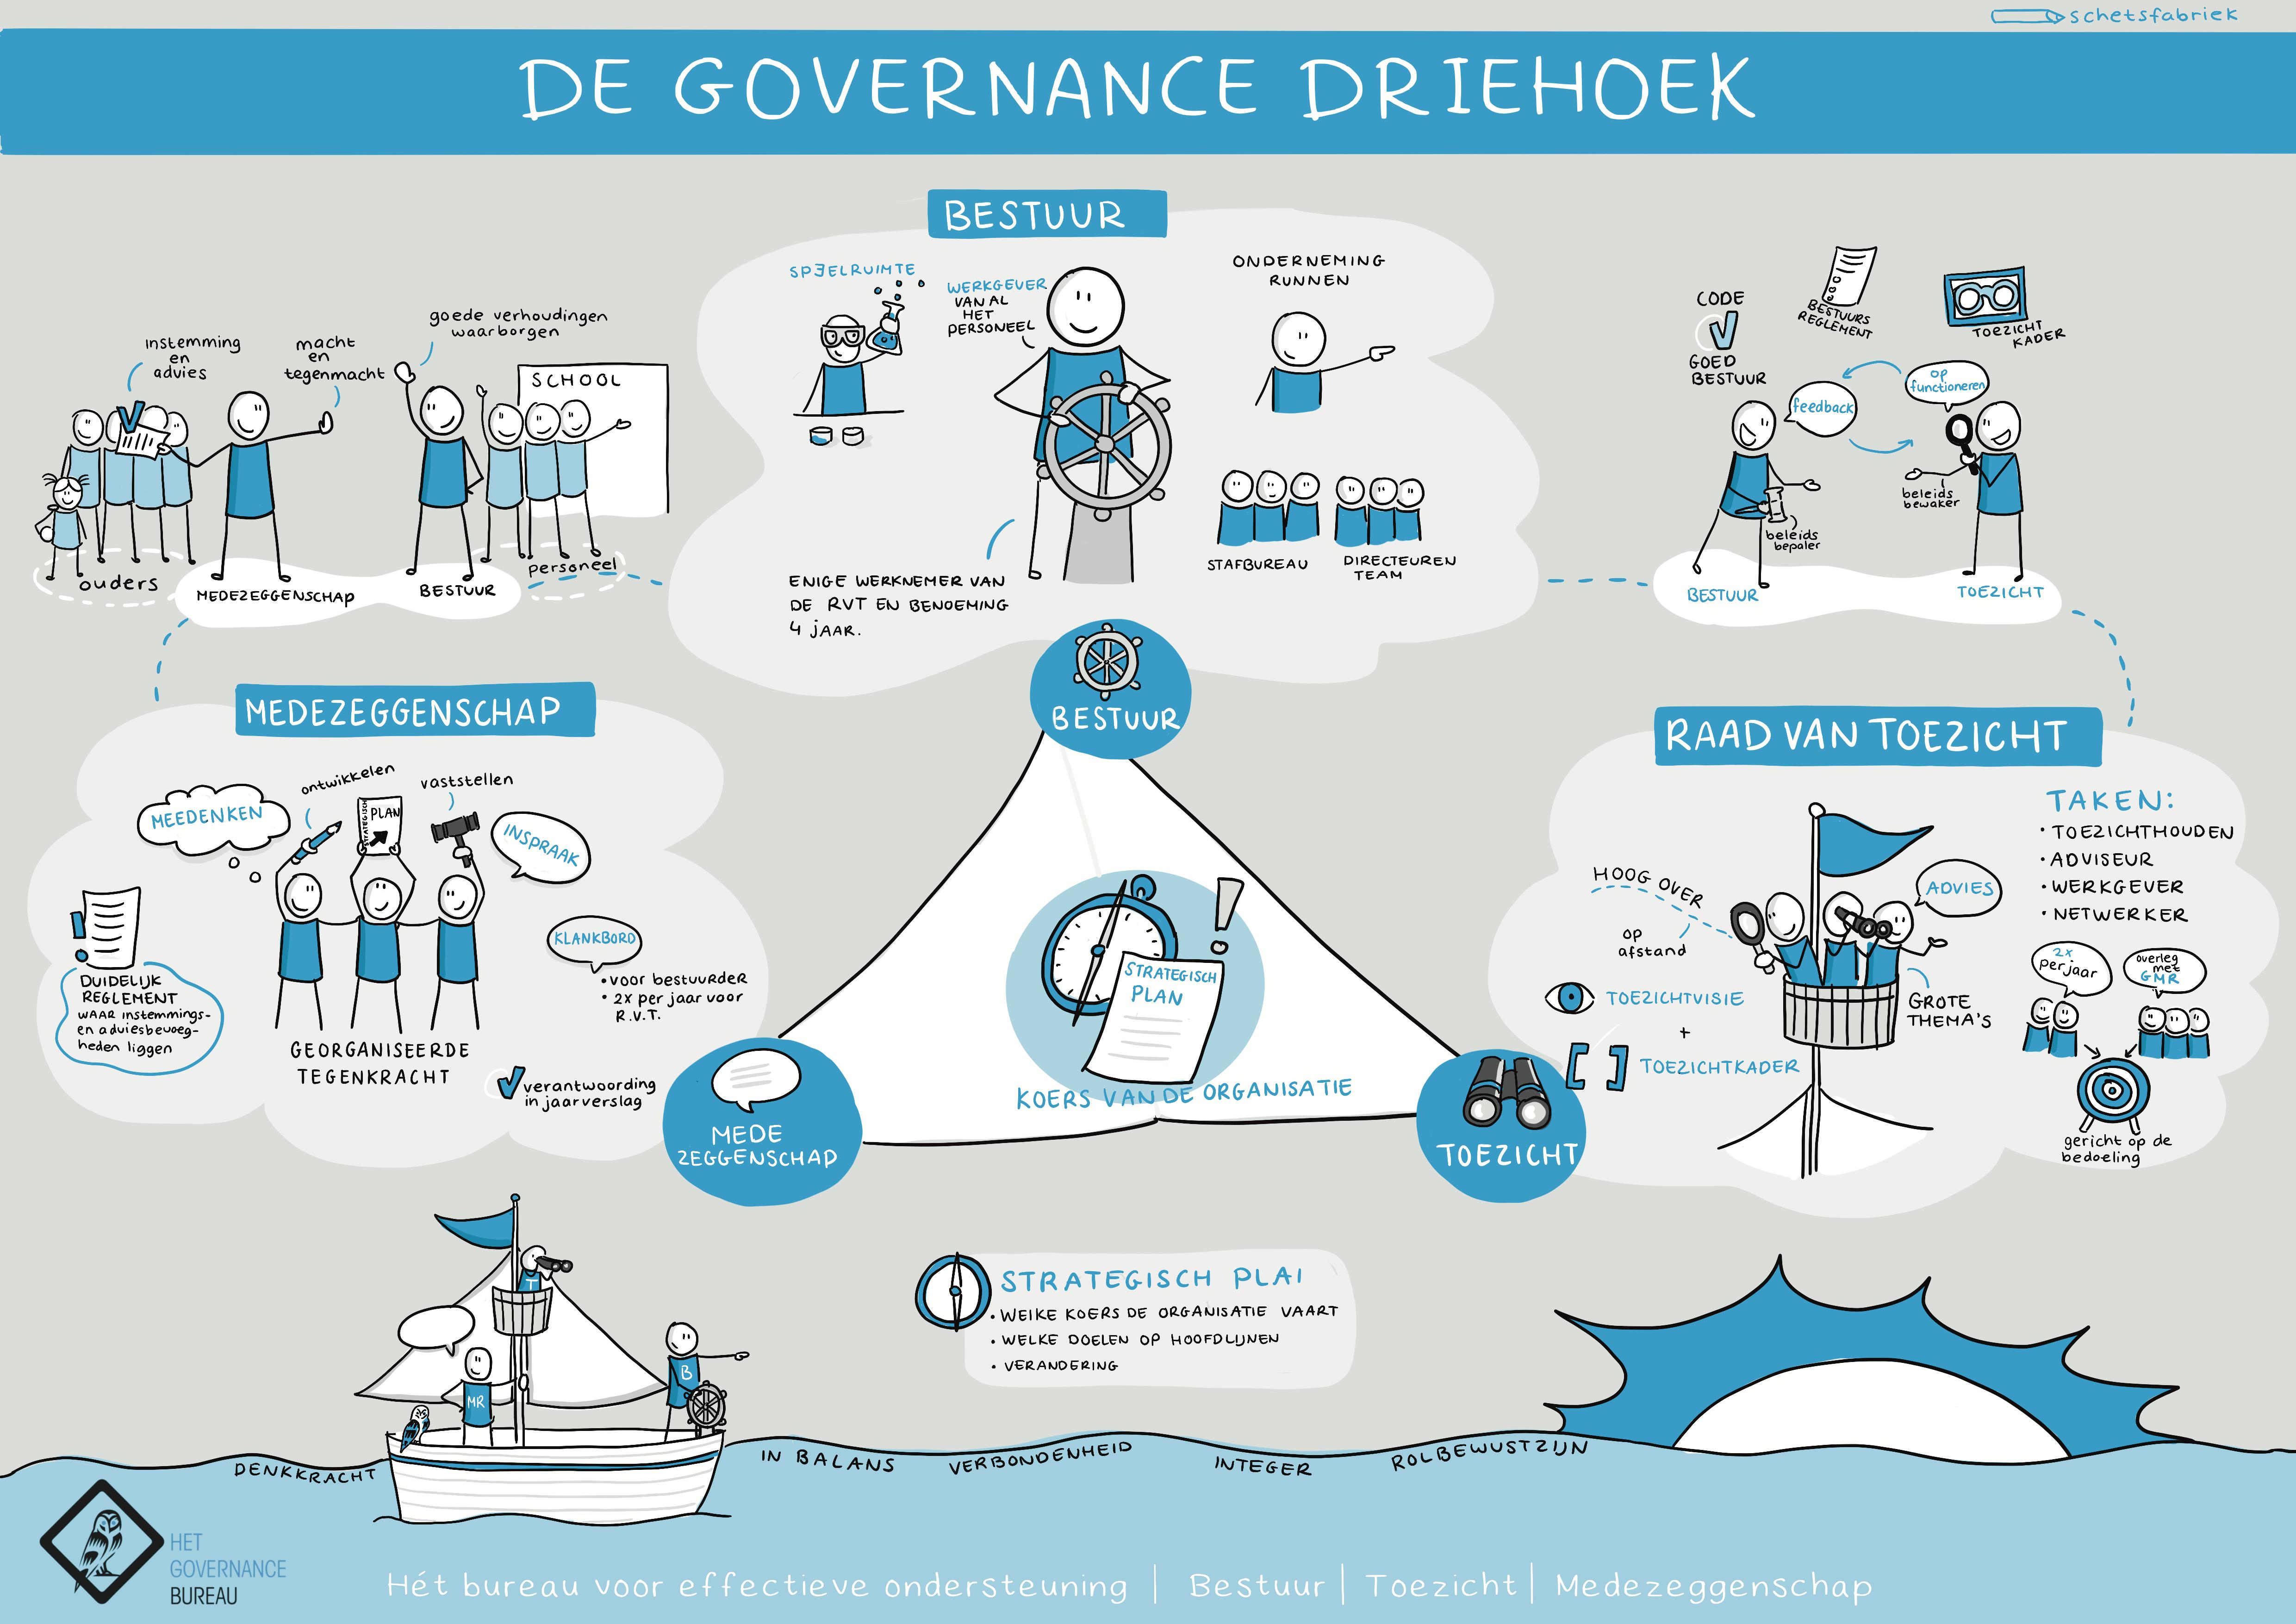 Praatplaat_De_Governance_Driehoek_-_Schetsfabriek